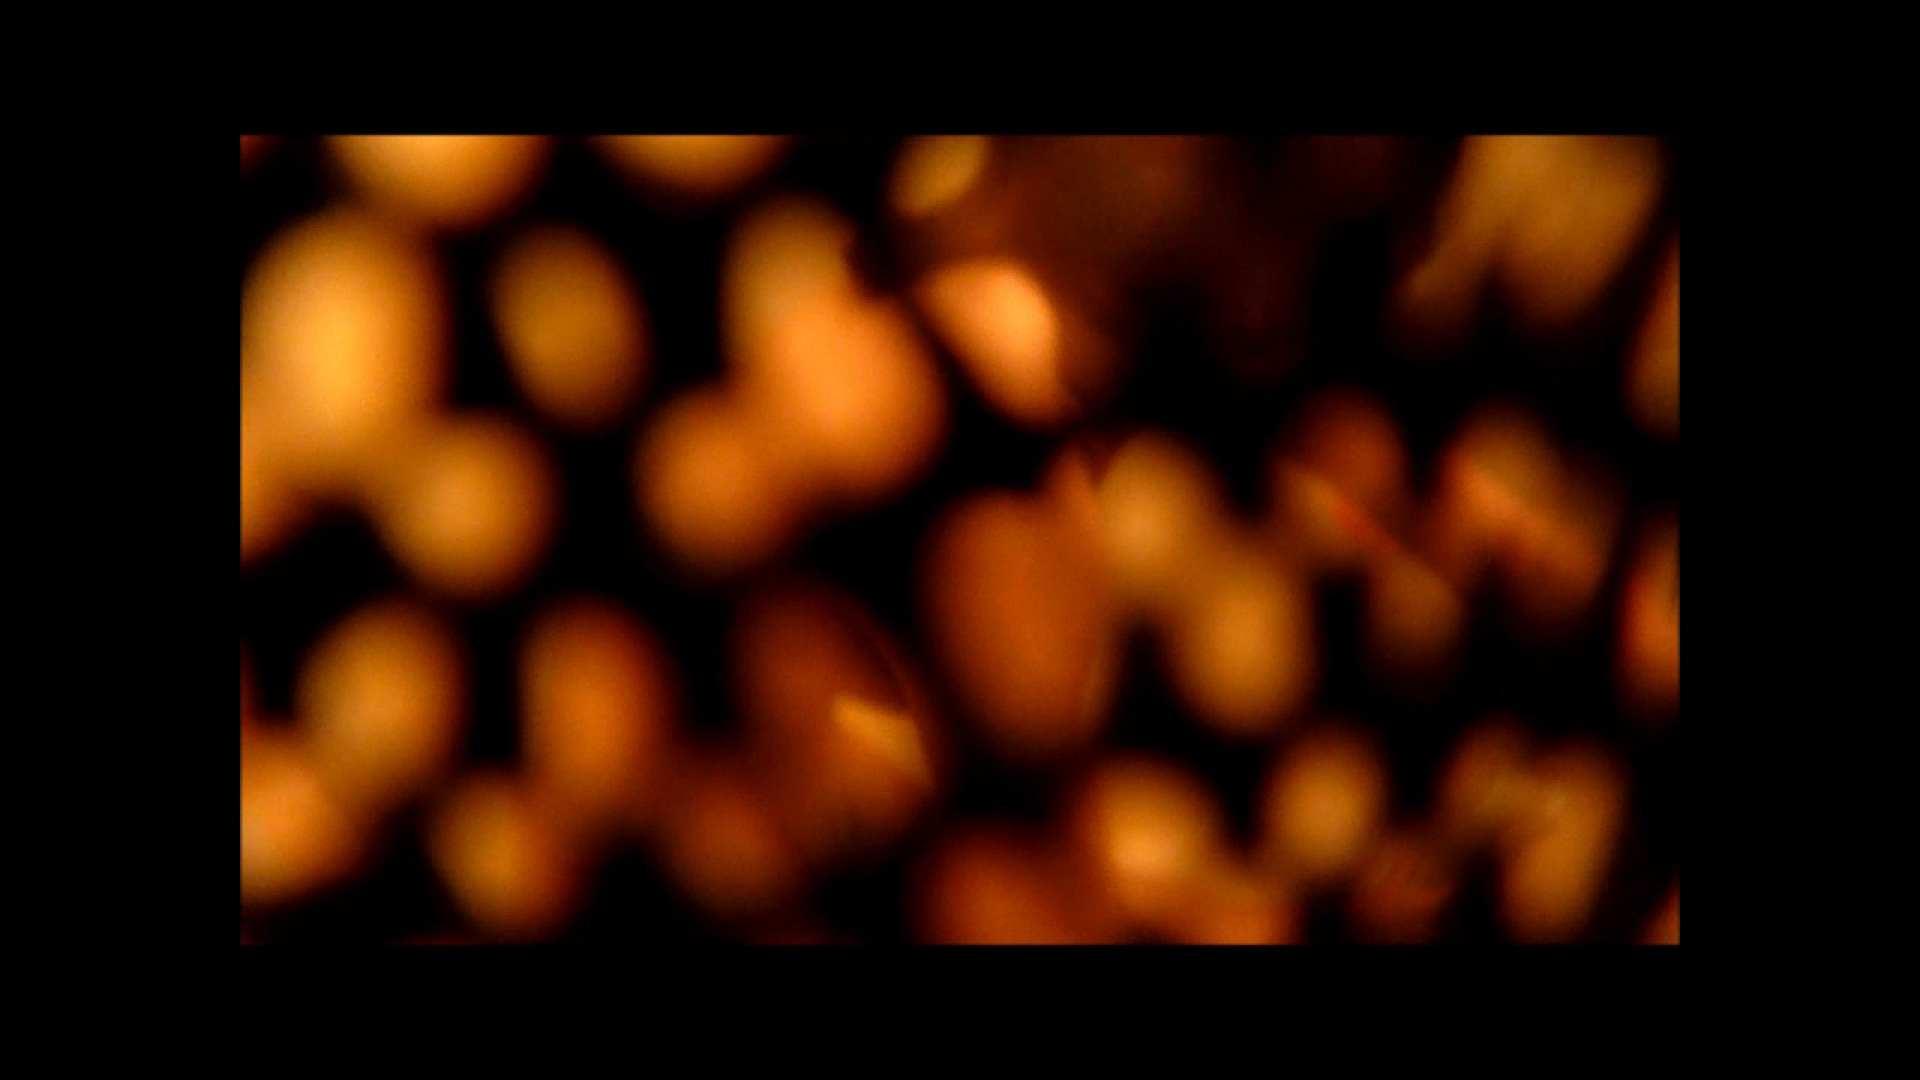 【02】ベランダに侵入して張り込みを始めて・・・やっと結果が出ました。 家宅侵入 | 0  82画像 32